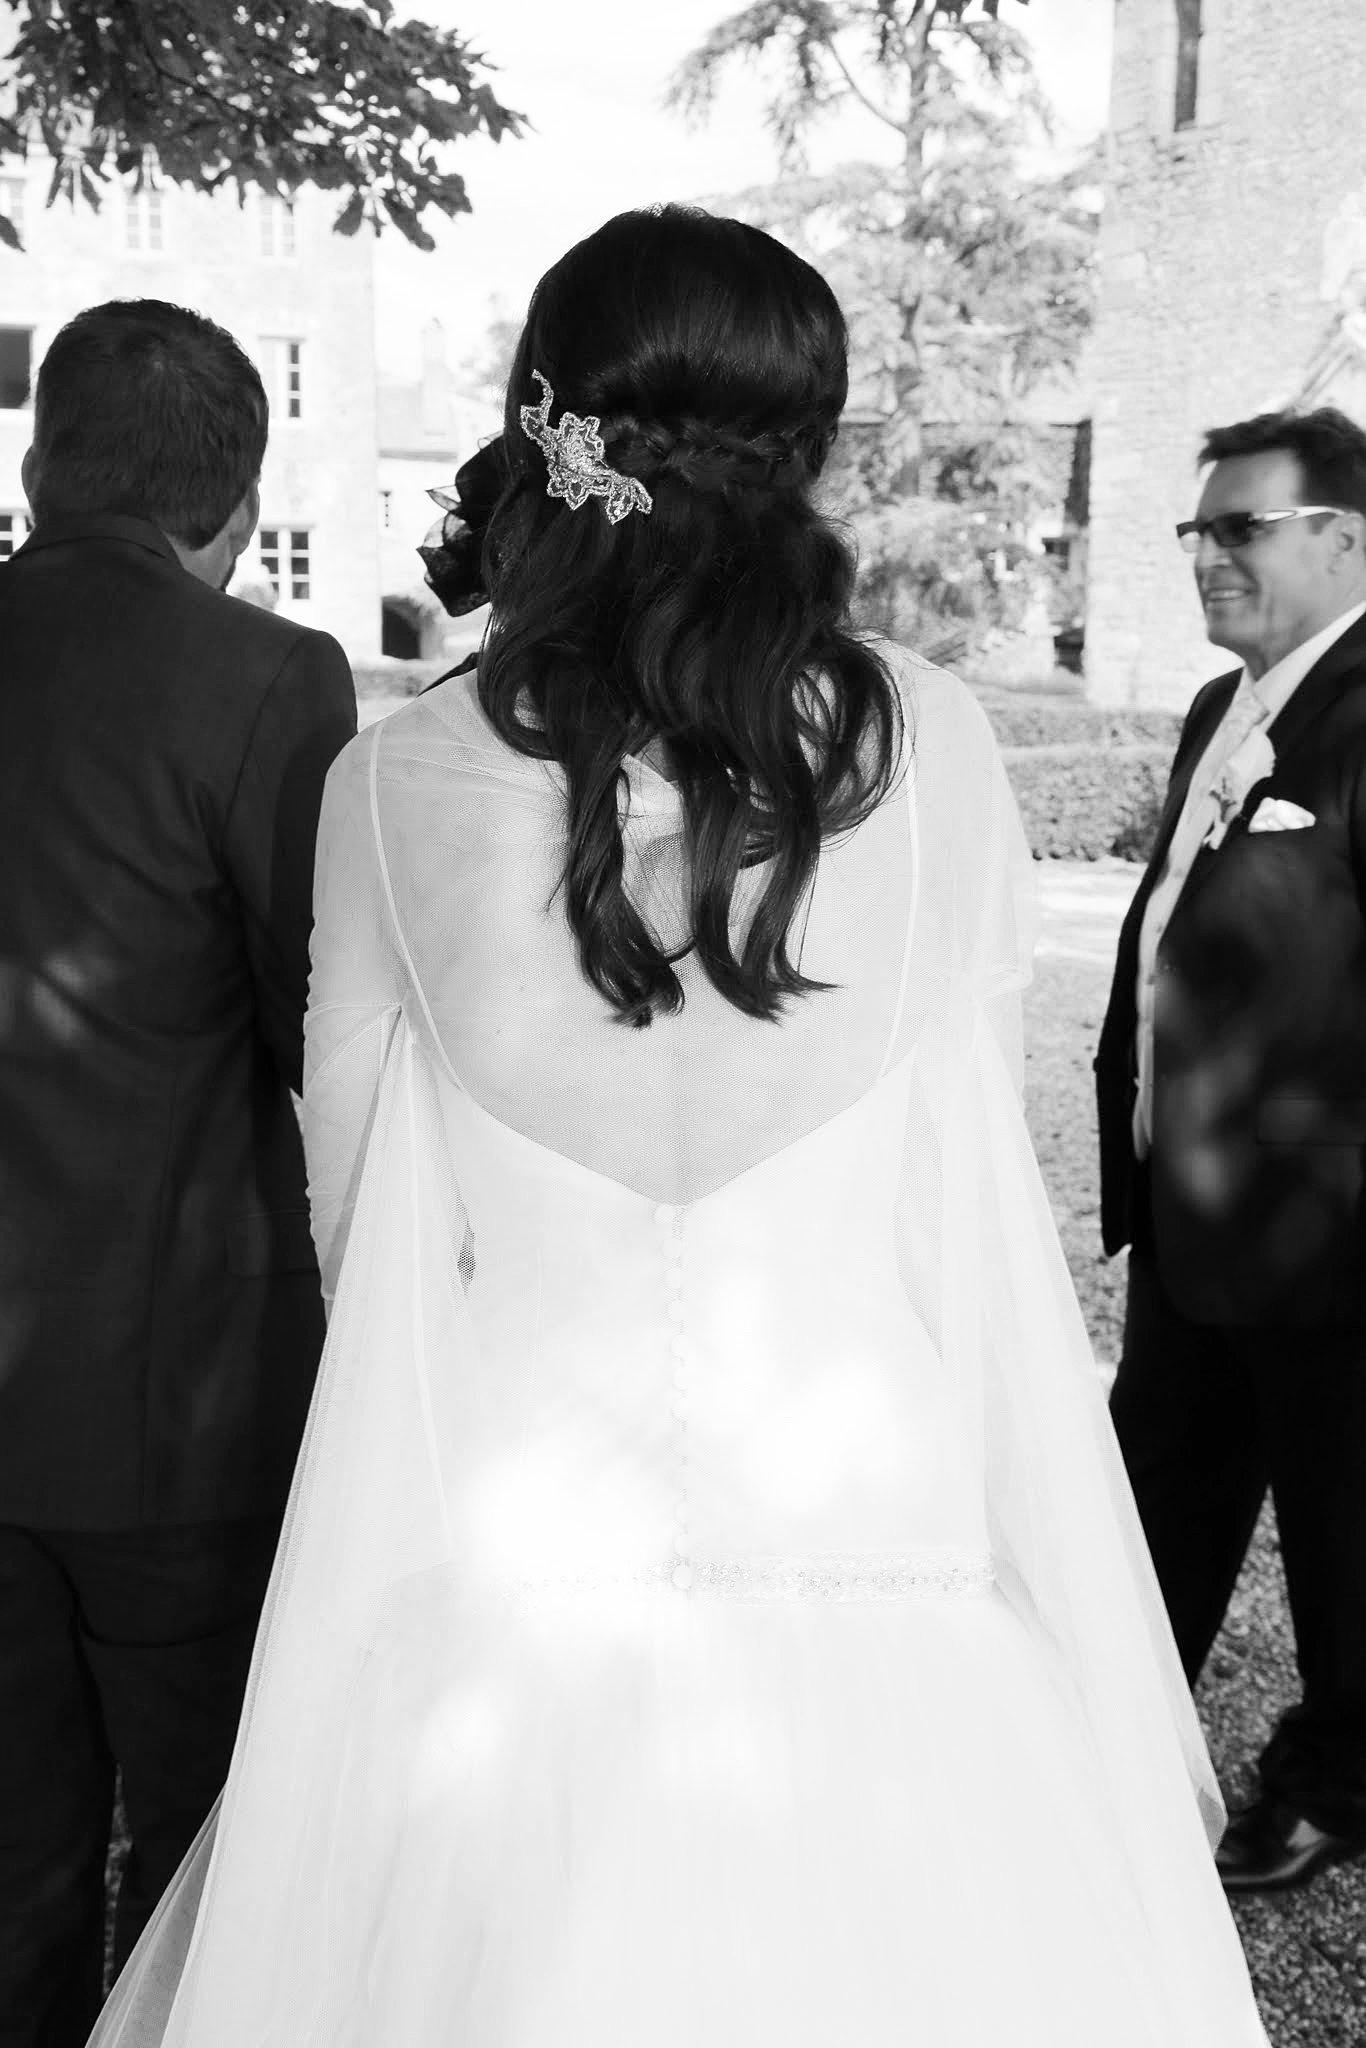 coiffure mariage lyon domicile